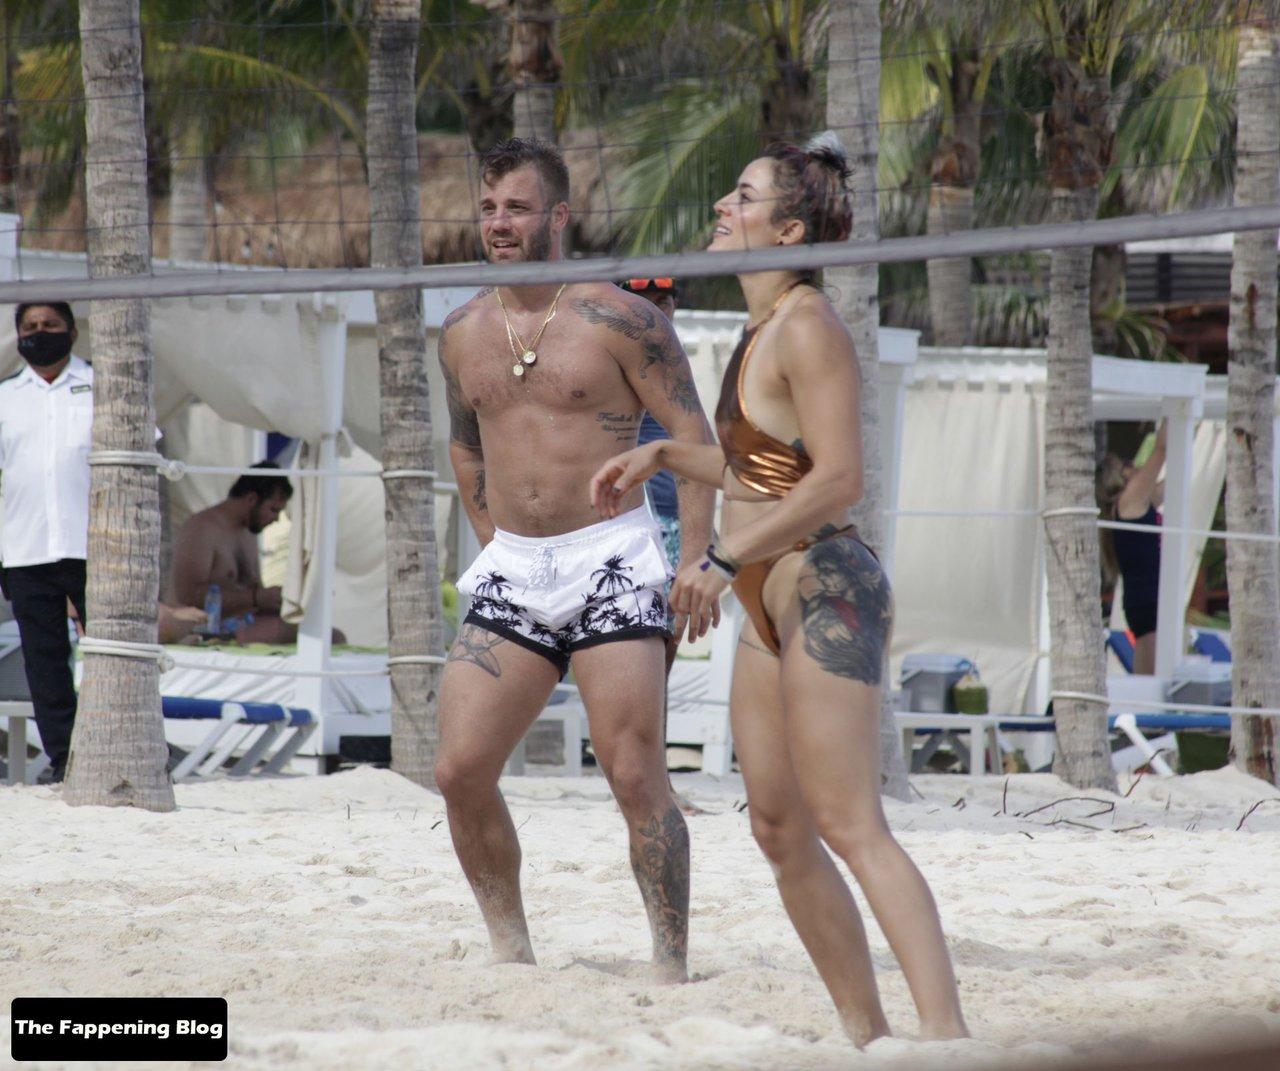 Cara Maria Sorbello on Beach 17